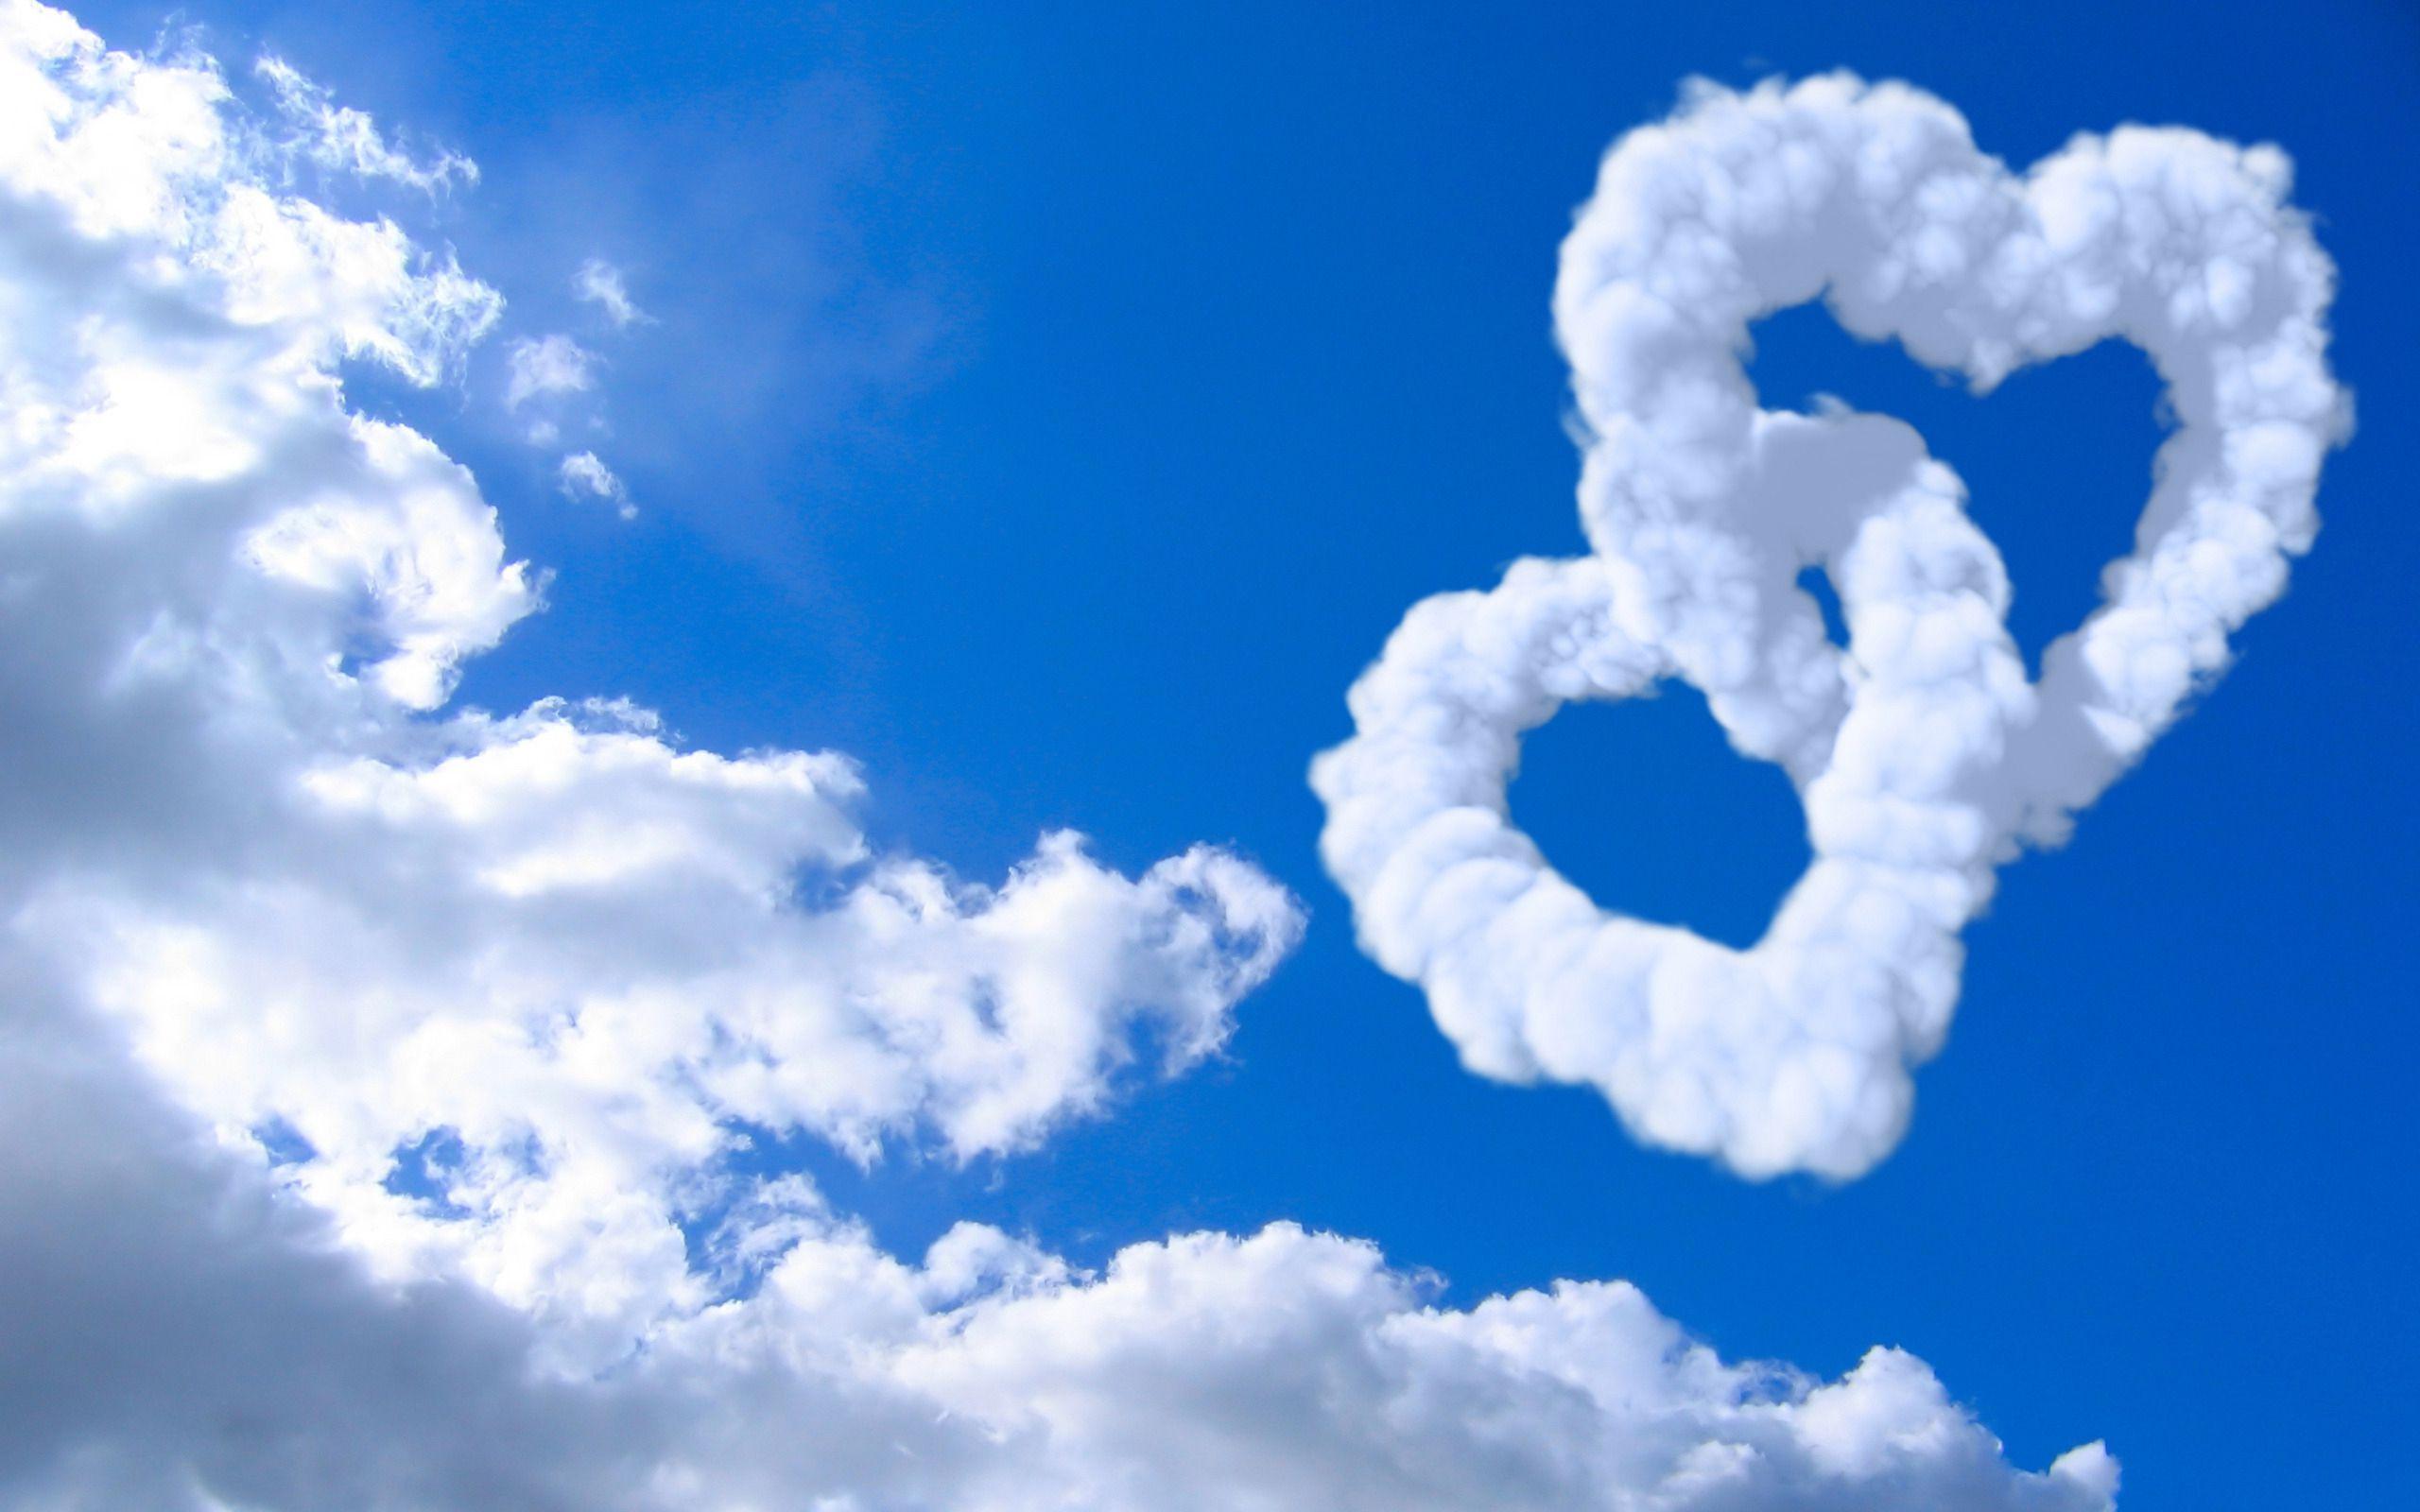 облака в форме сердец, скачать фото, обои для рабочего стола, sky wallpaper